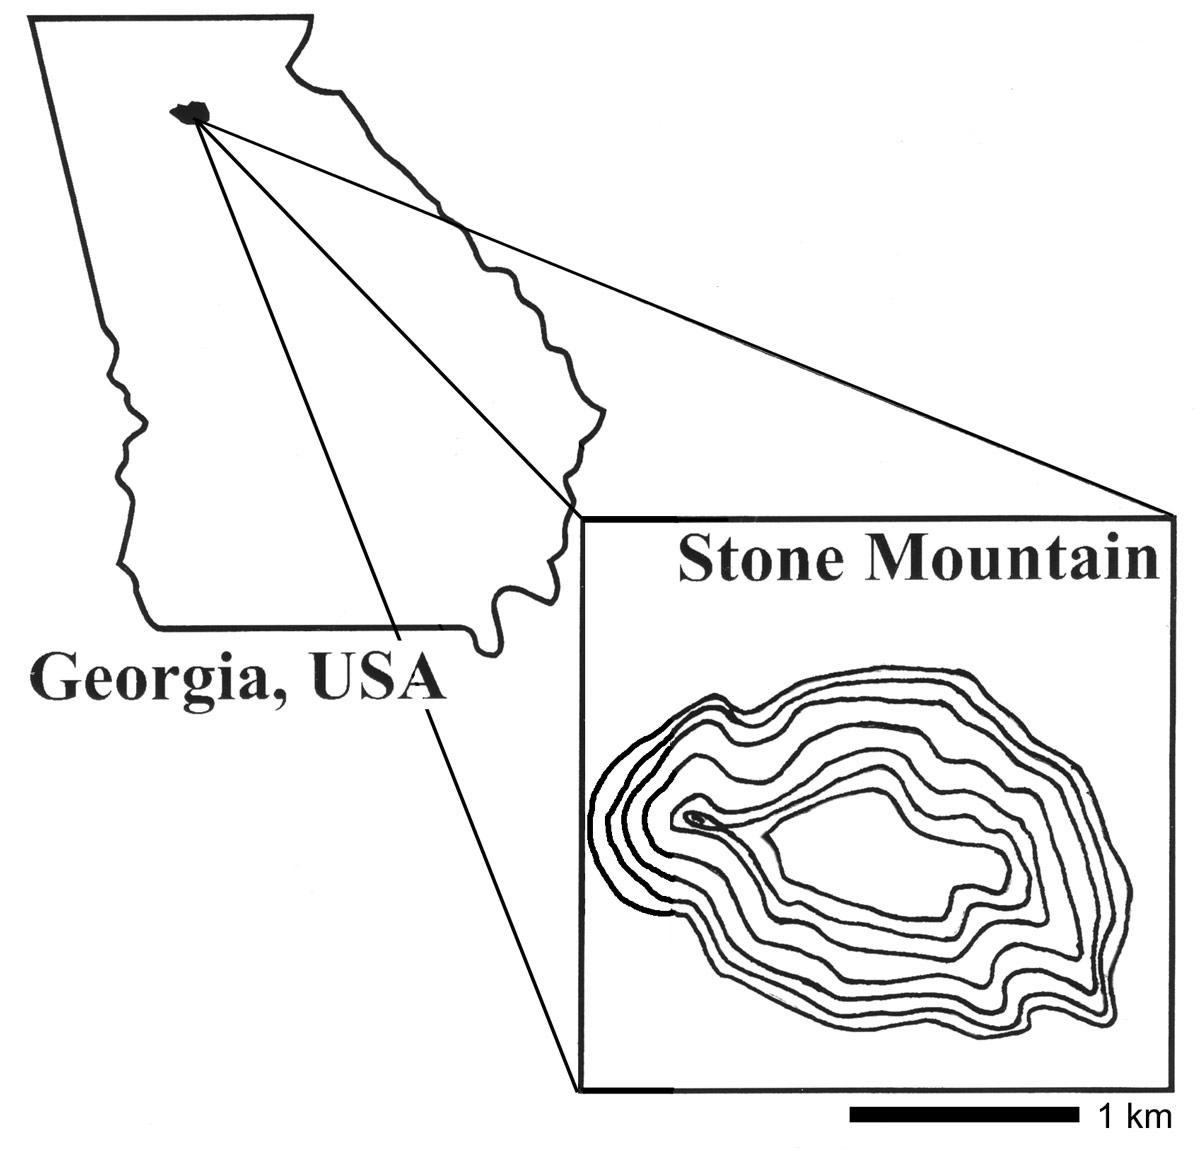 stone-mountain-location-georgia